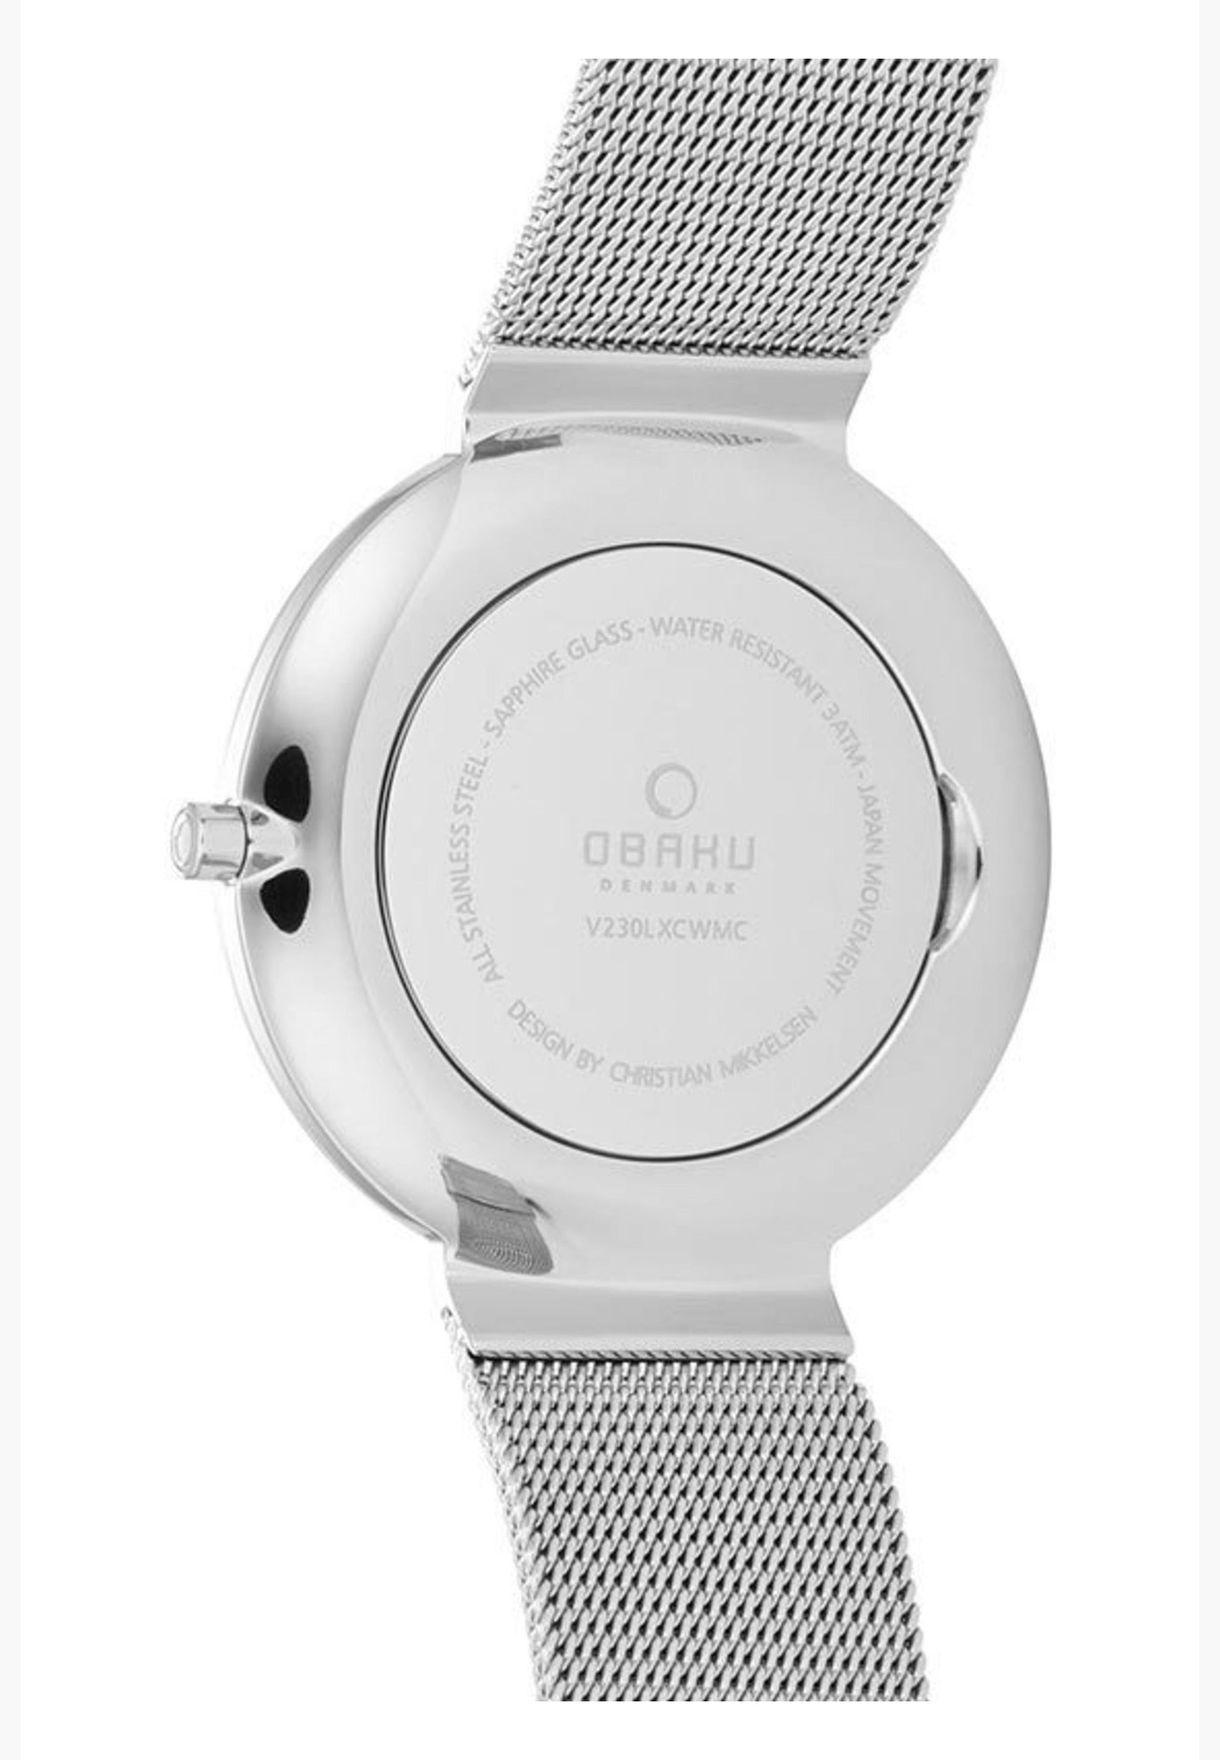 ساعة اوباكو بابير ليل للنساء بسوار شبكي - V230LXCWMC